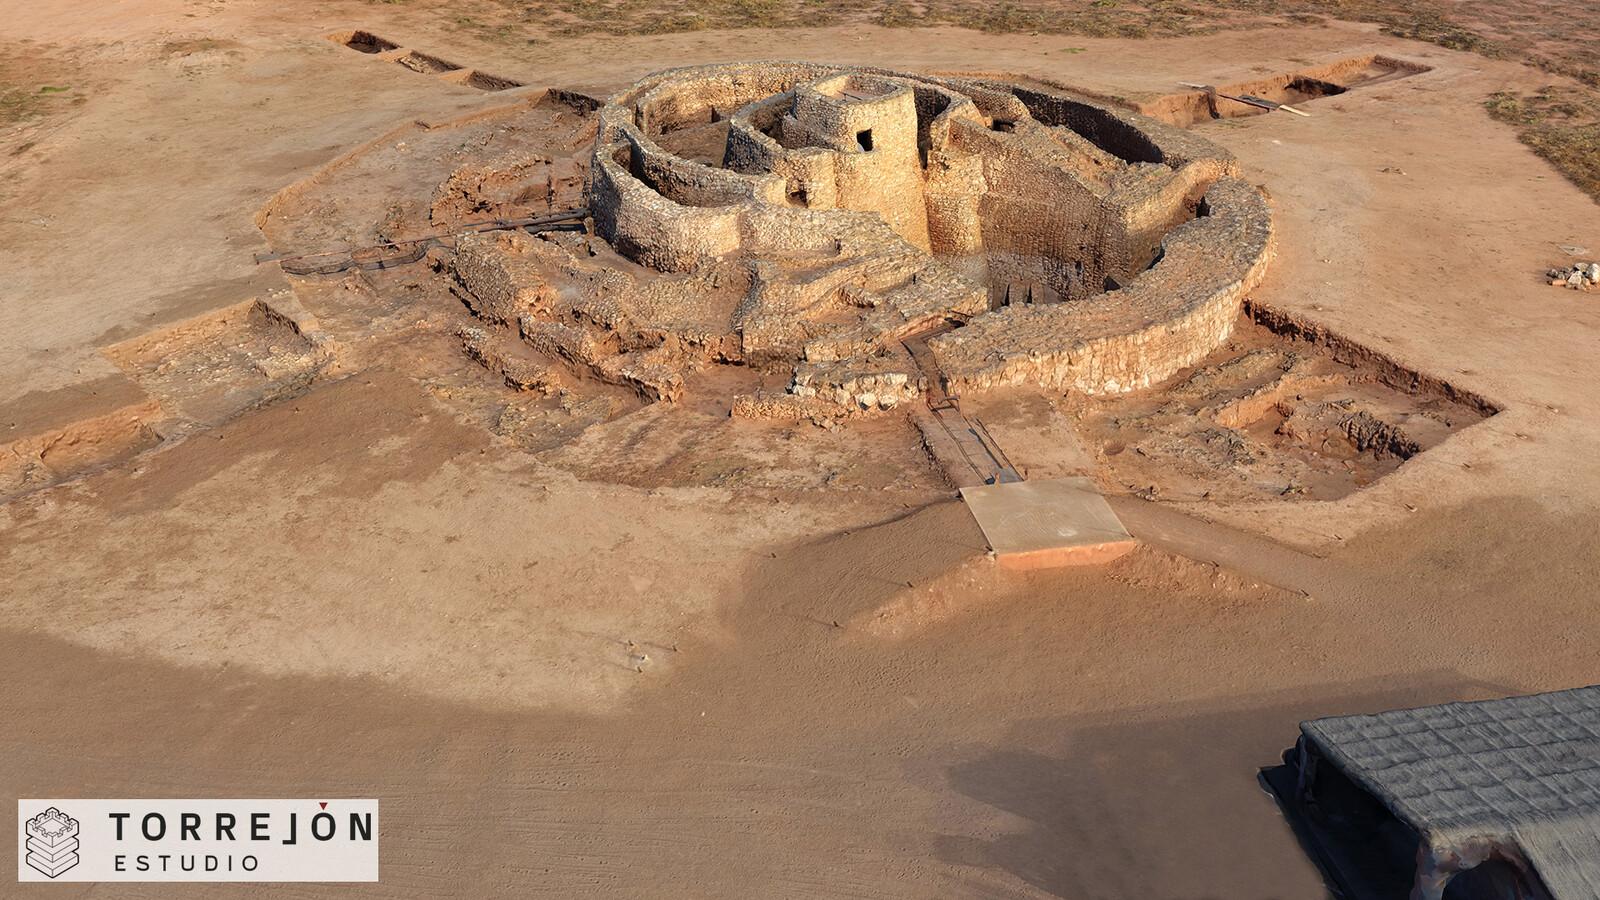 Estado actual de la Motilla del Azuer - modelo fotogramétrico realizado por Global Digital Heritage.